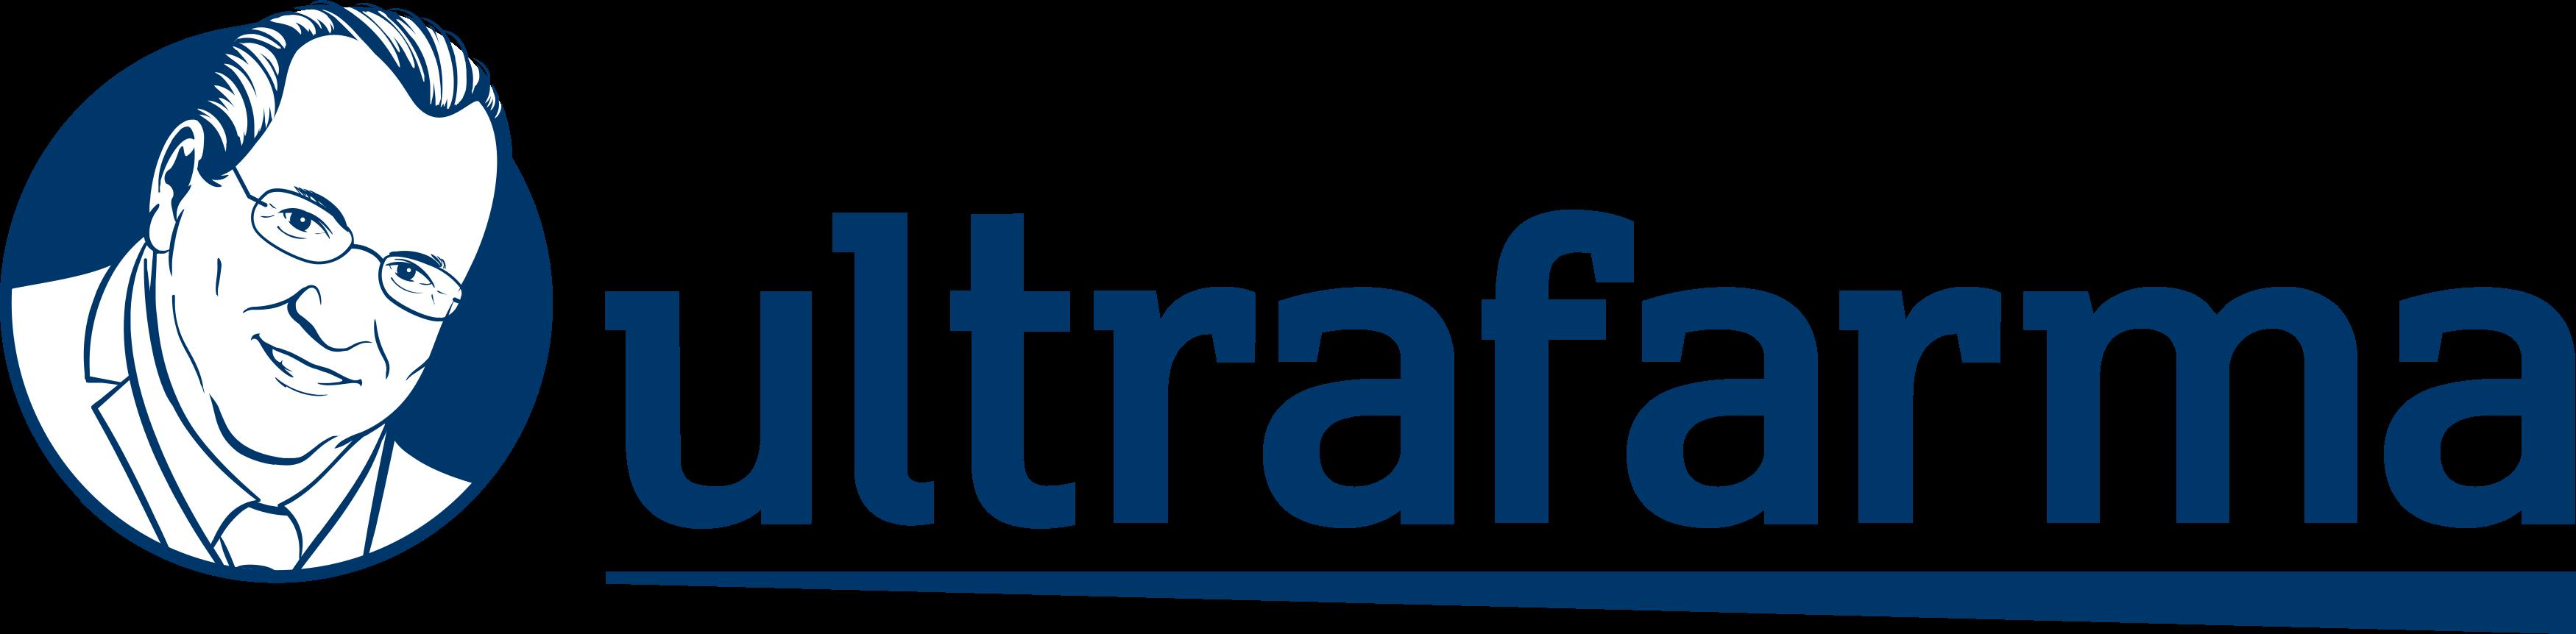 Ultrafarma logo.